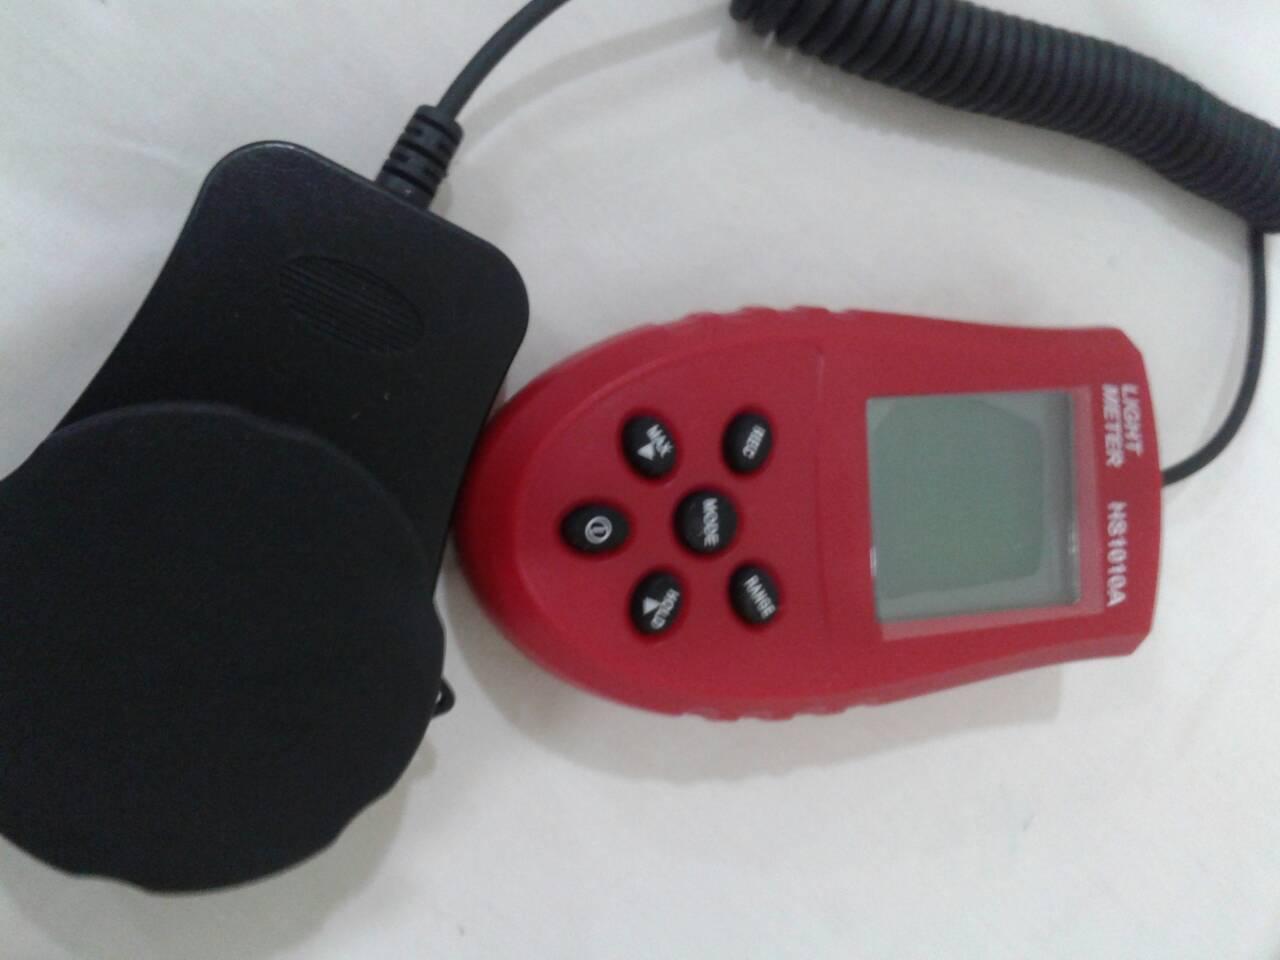 เครื่องวัดความเข้มแสง Lux meter